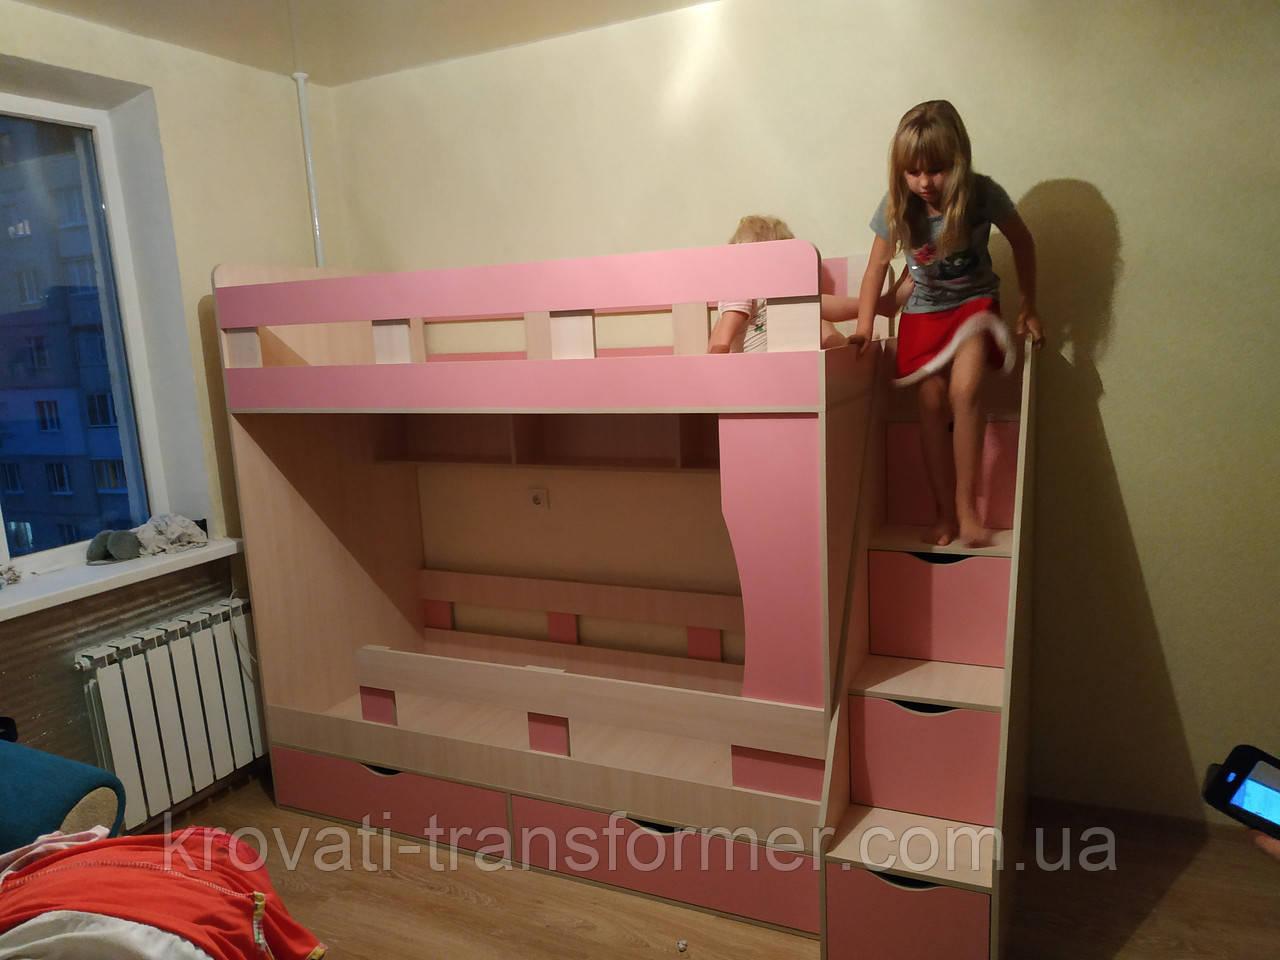 """Двухъярусная кровать  """"Модерн с боковой лестницей. Премиум"""". Дуб молочный +розовый"""